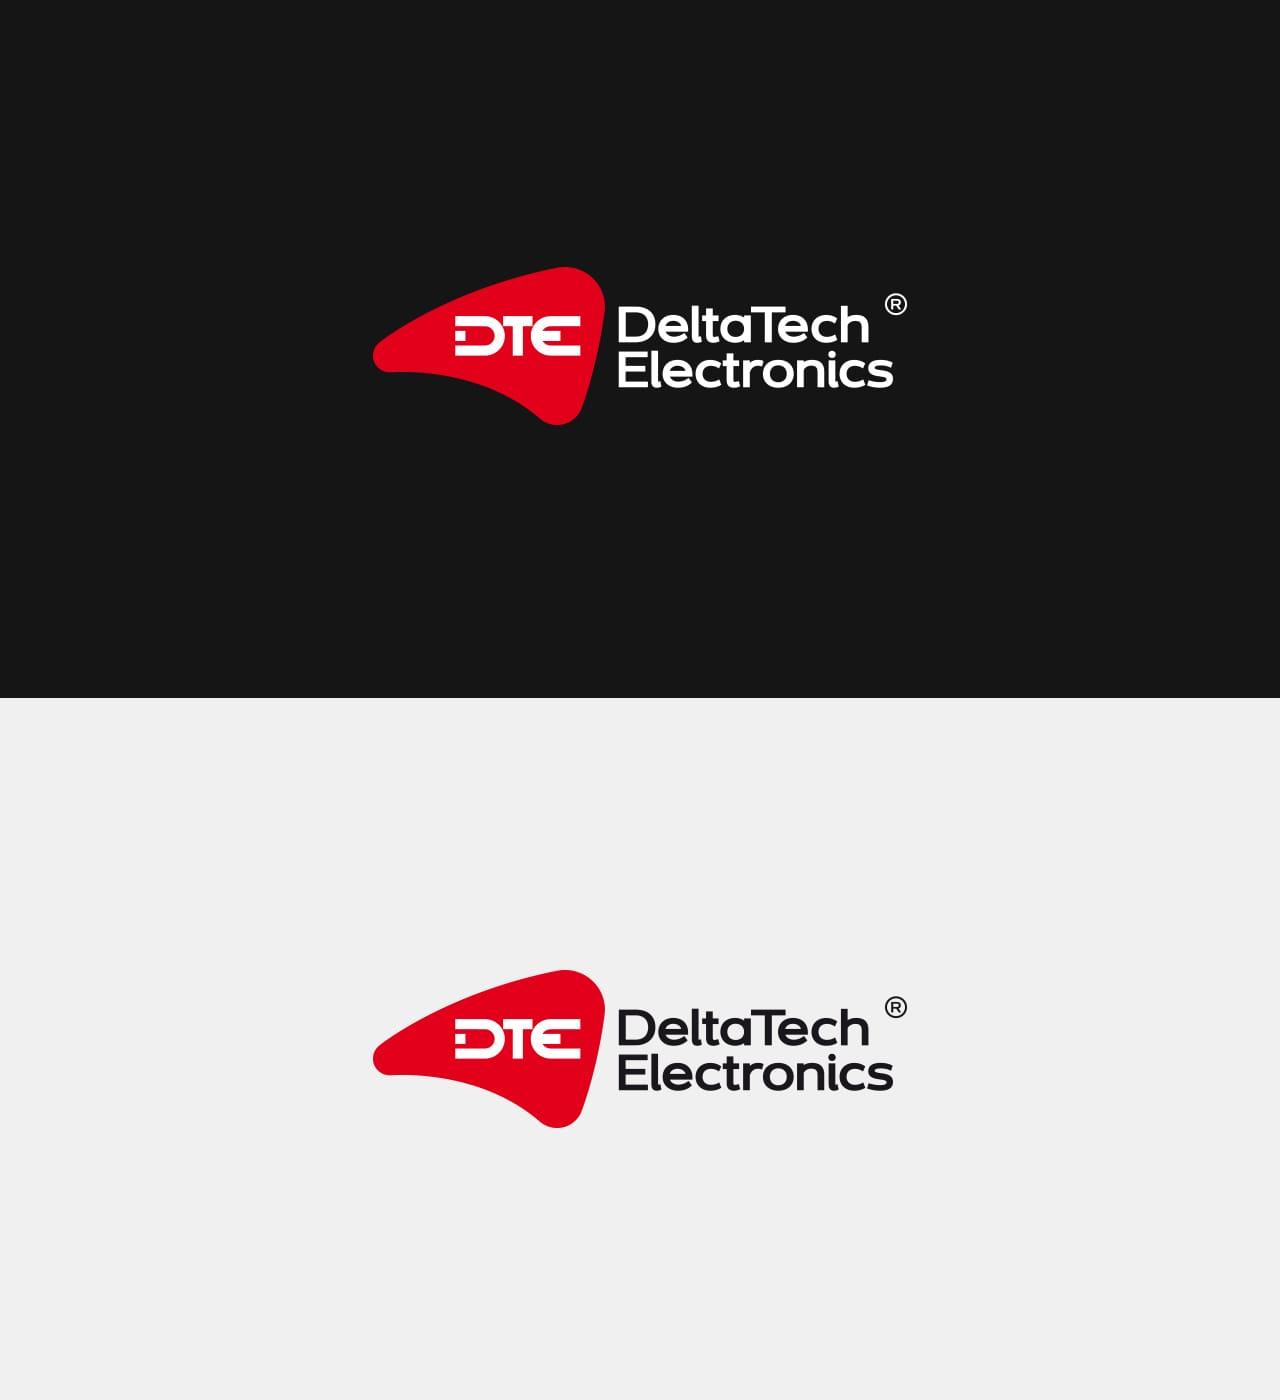 DeltaTech Electronics rebranding logo firmowego rewitalizacja projektowanie logo firmy identyfikacji wizualnych Agencja brandingowa Moweli Creative Dąbrowa Górnicza, Warszawa